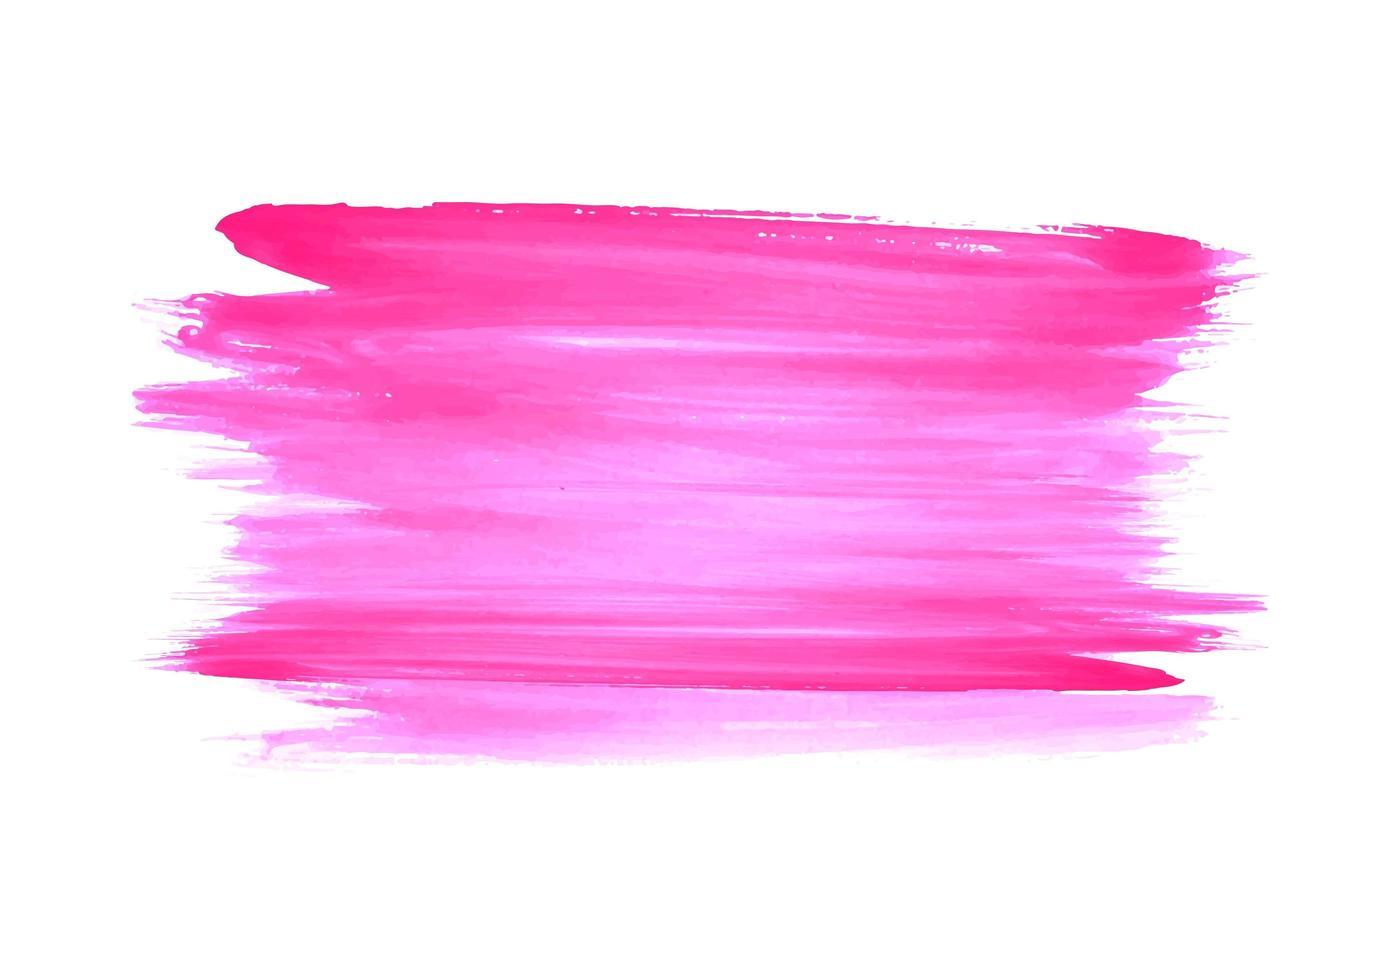 conception de trait de dessin à la main aquarelle rose moderne vecteur